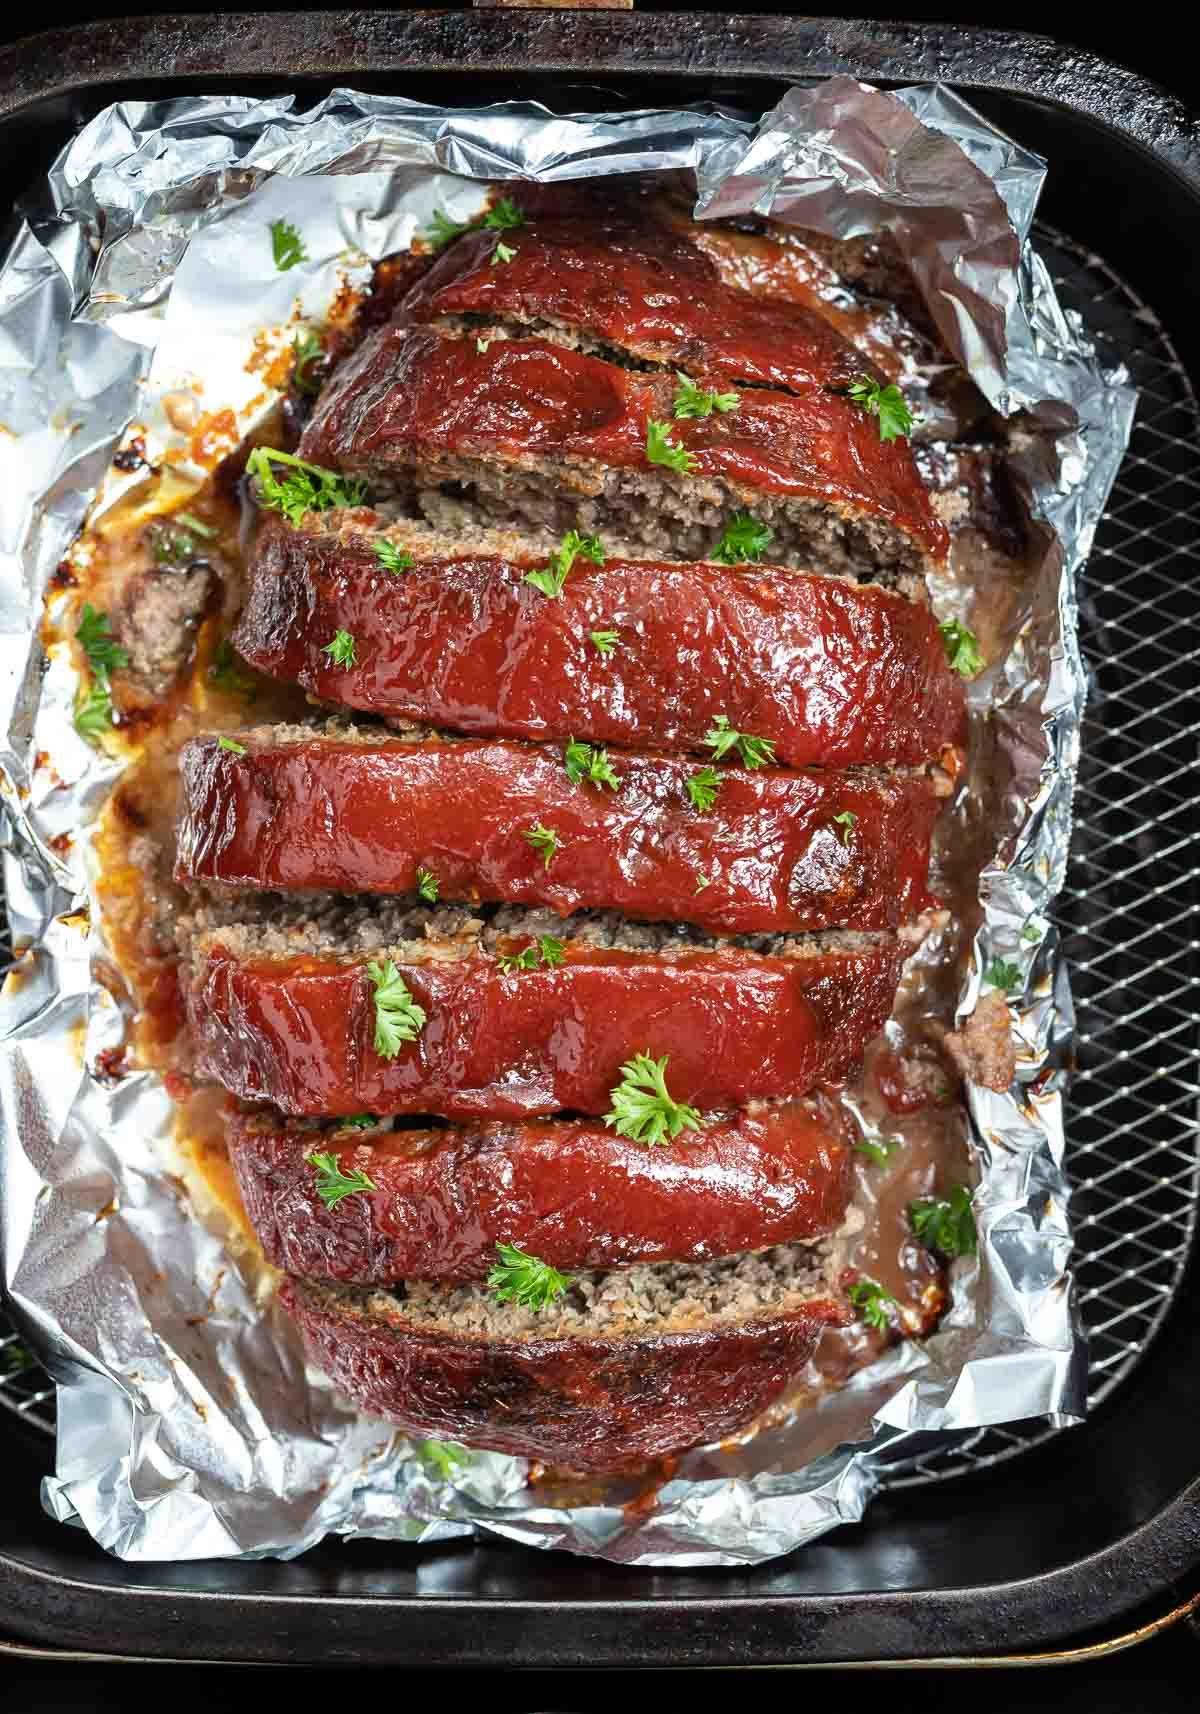 Air Fryer Meatloaf Recipe in 2020 Meatloaf, Air fryer